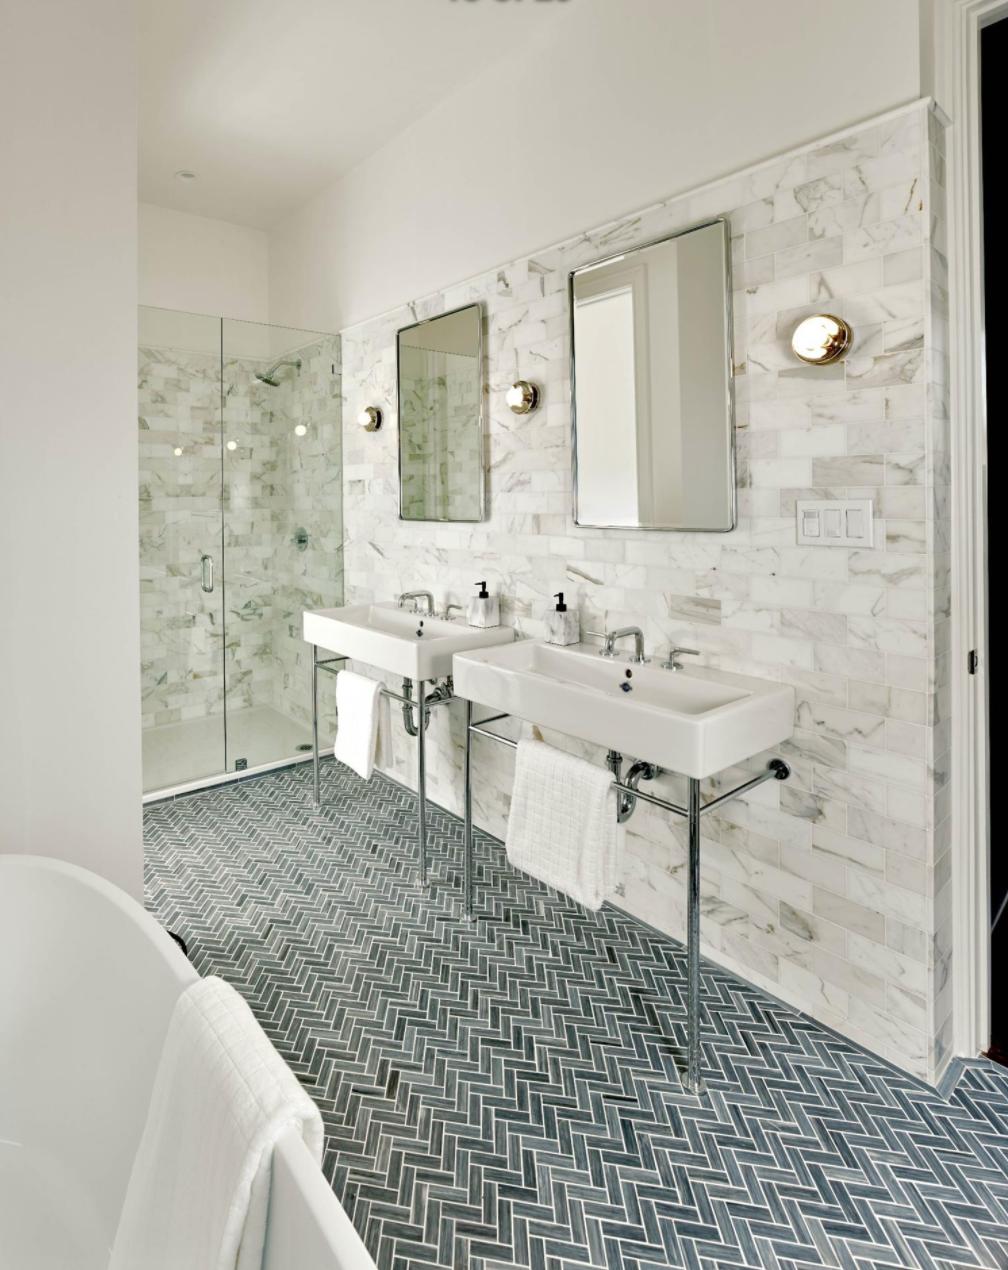 2060 Divisadero Street - Master Bathroom